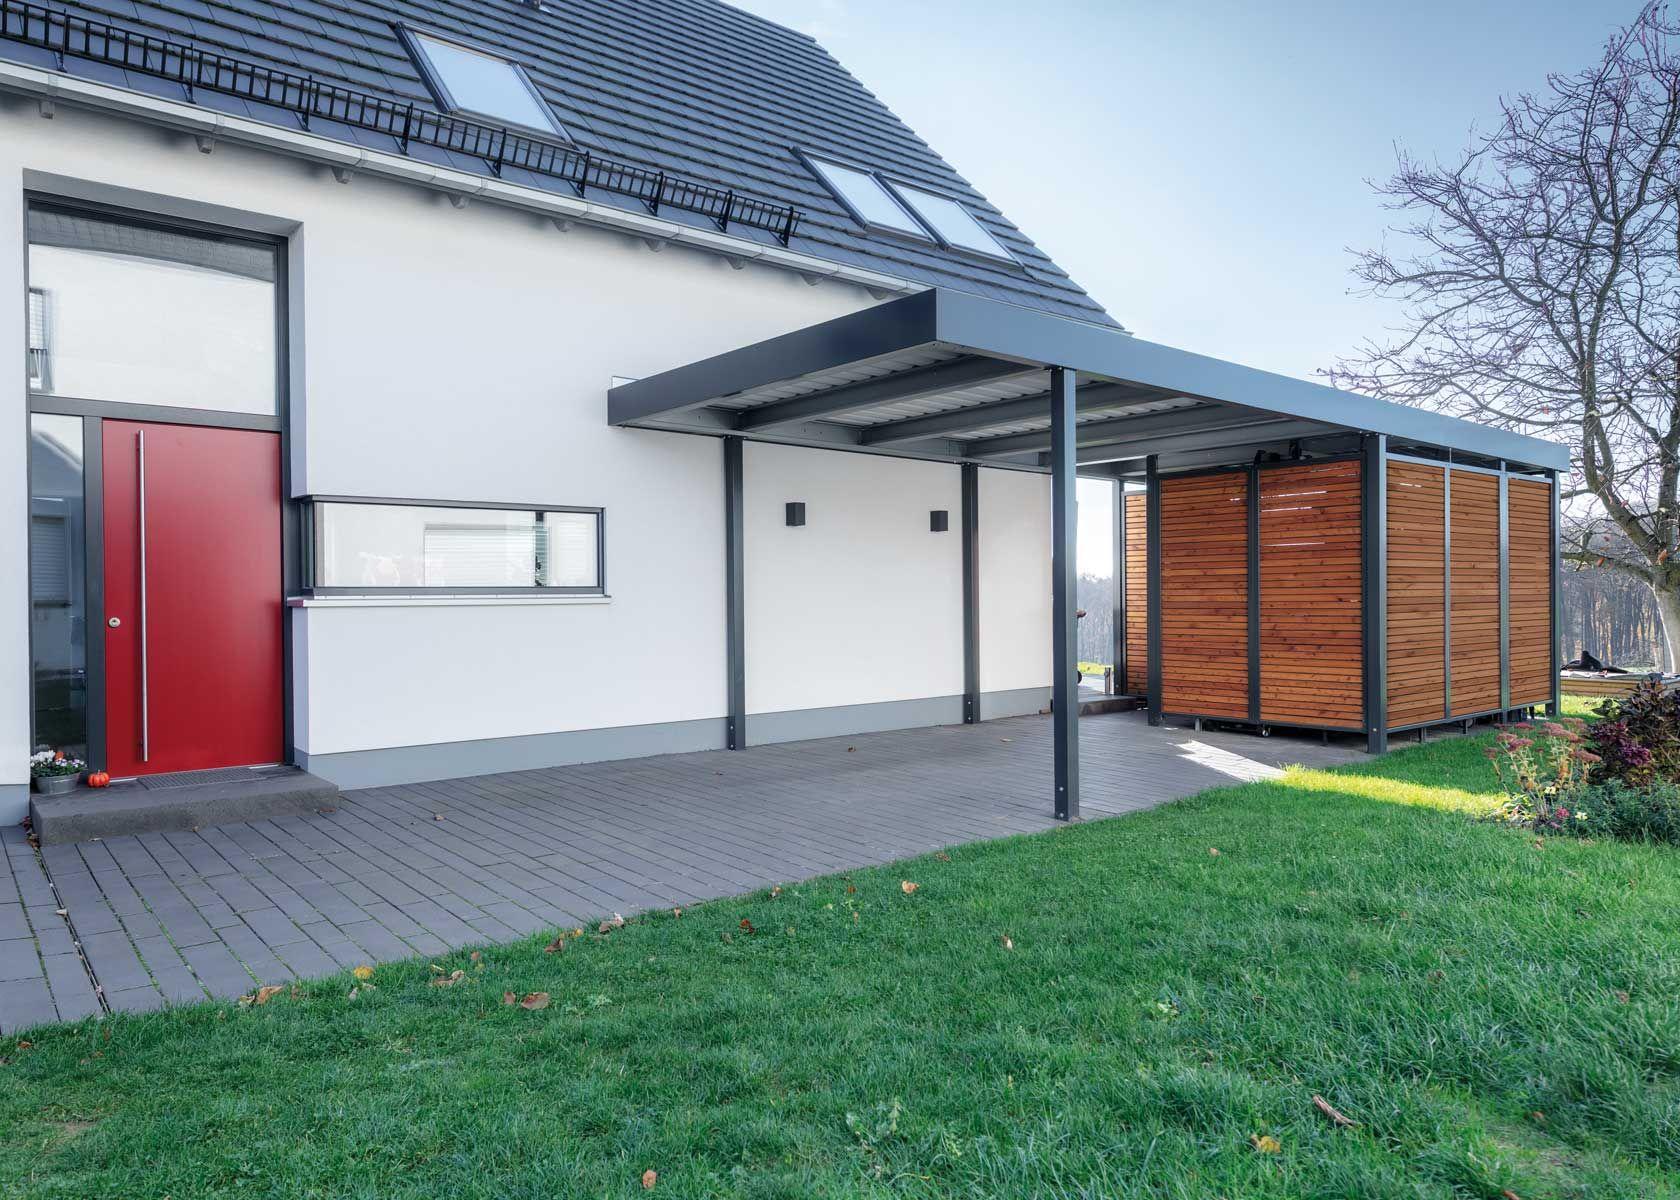 Carport Mit Wandelementen Und Gerateschuppen Haus Carport Modern Carport Mit Schuppen